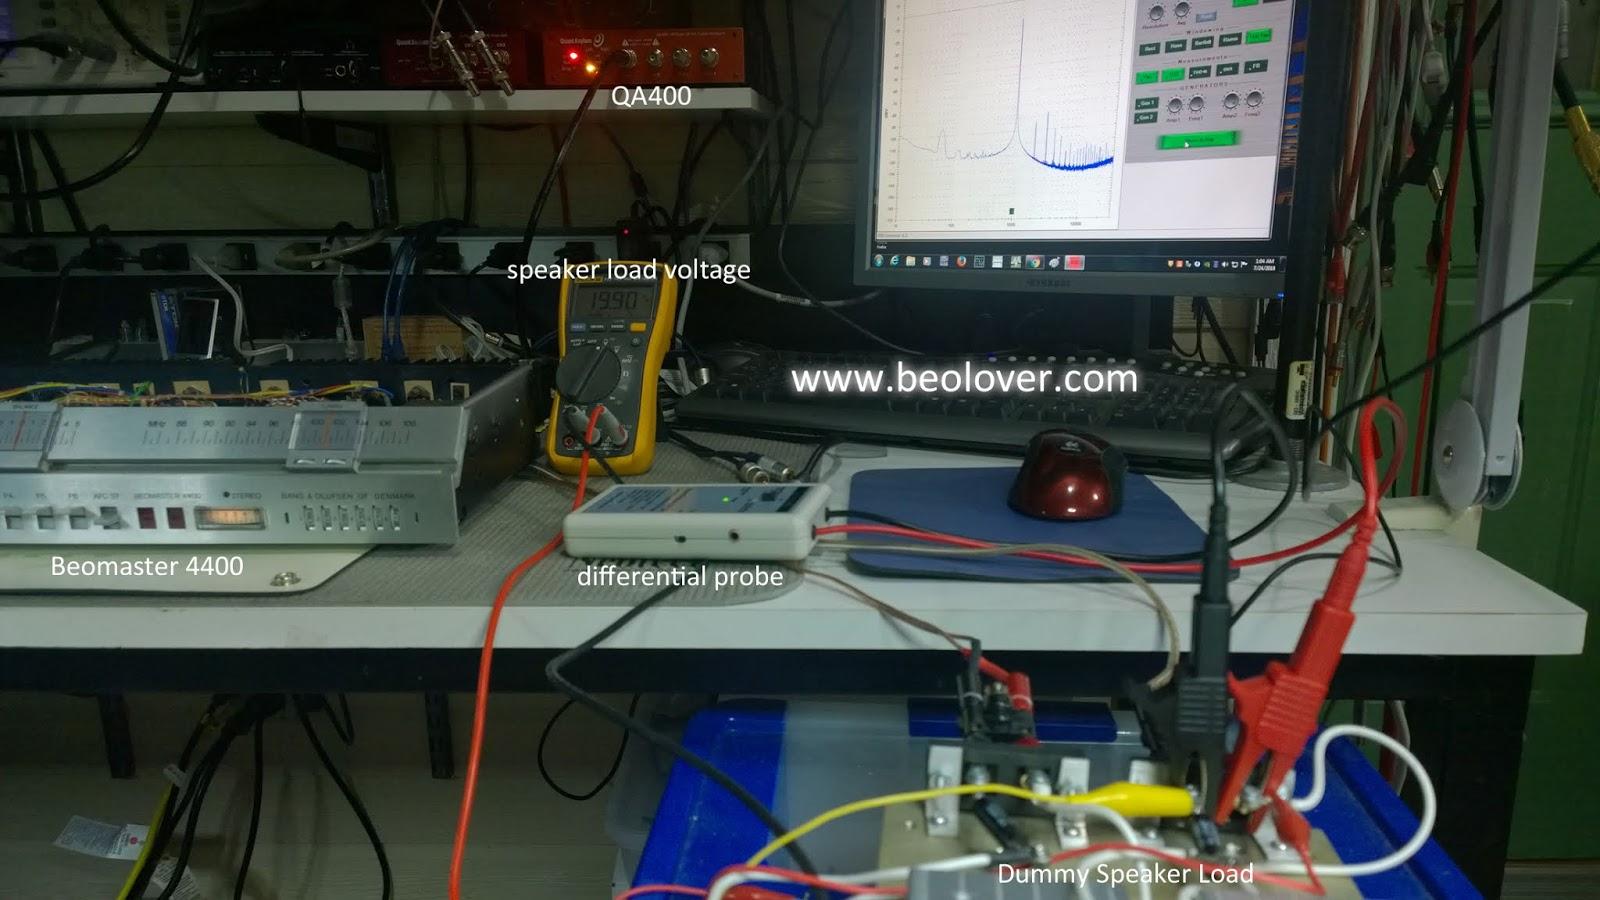 Bang & olufsen beomaster 4400 service manual backupmanuals. Com.